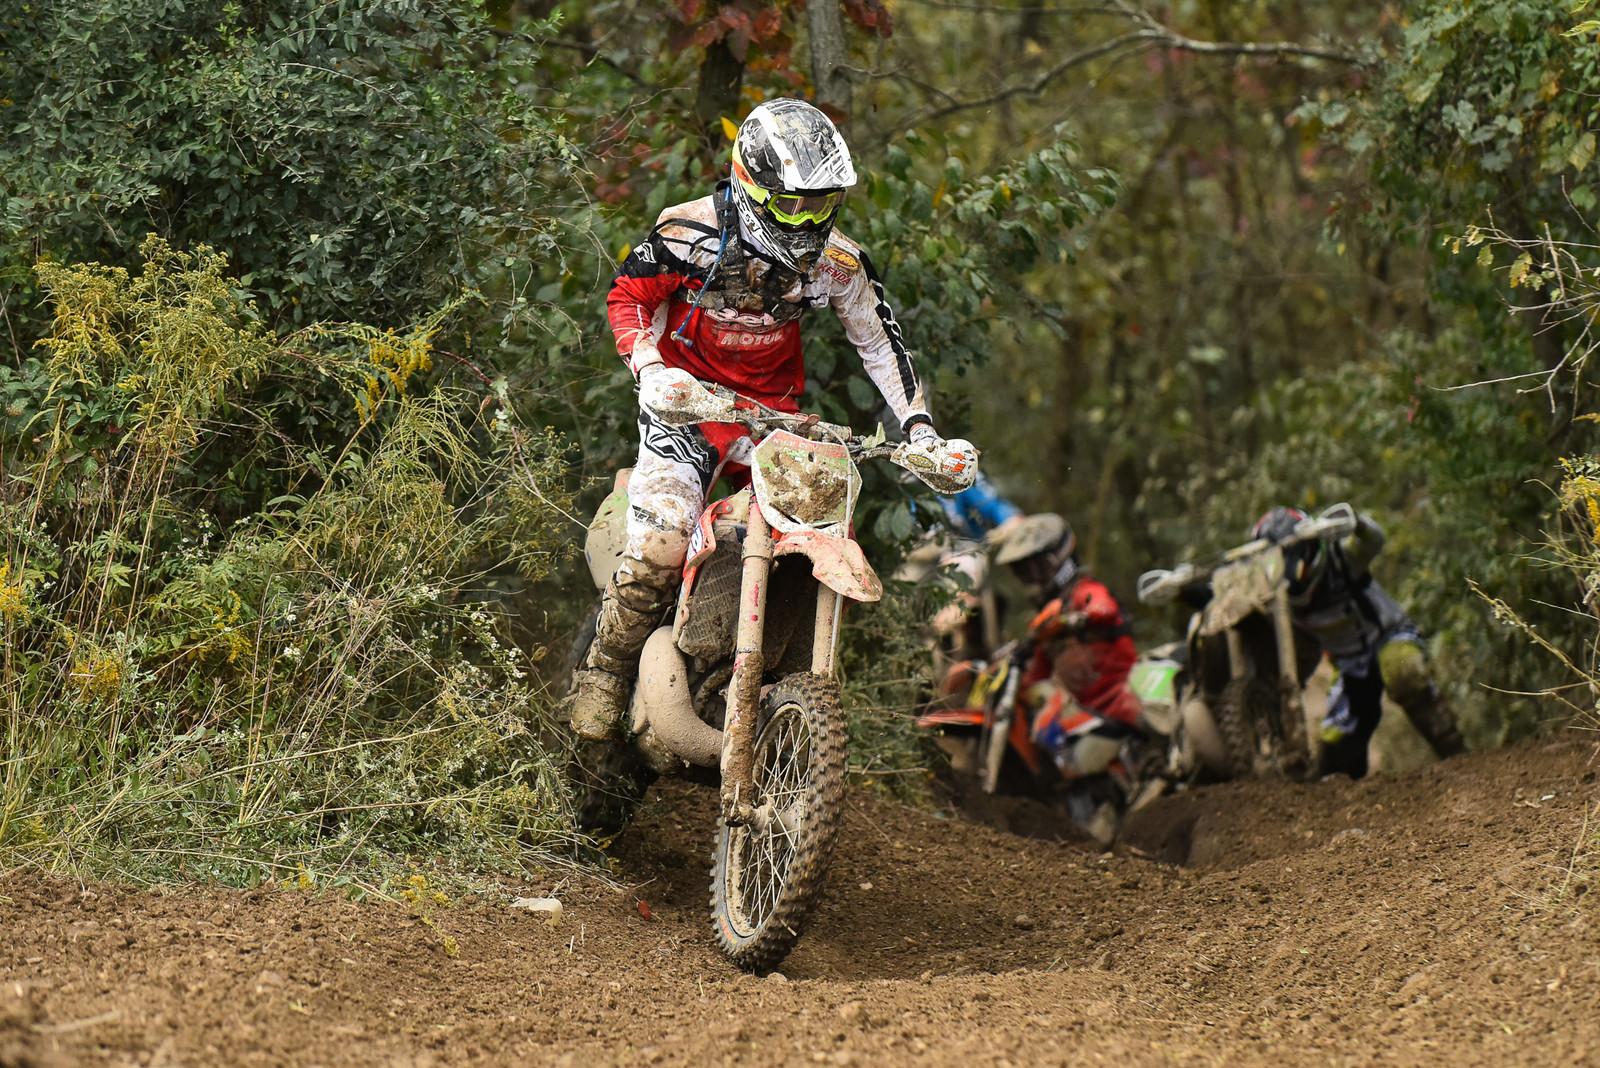 Craig DeLong - Powerline Park GNCC - Motocross Pictures - Vital MX